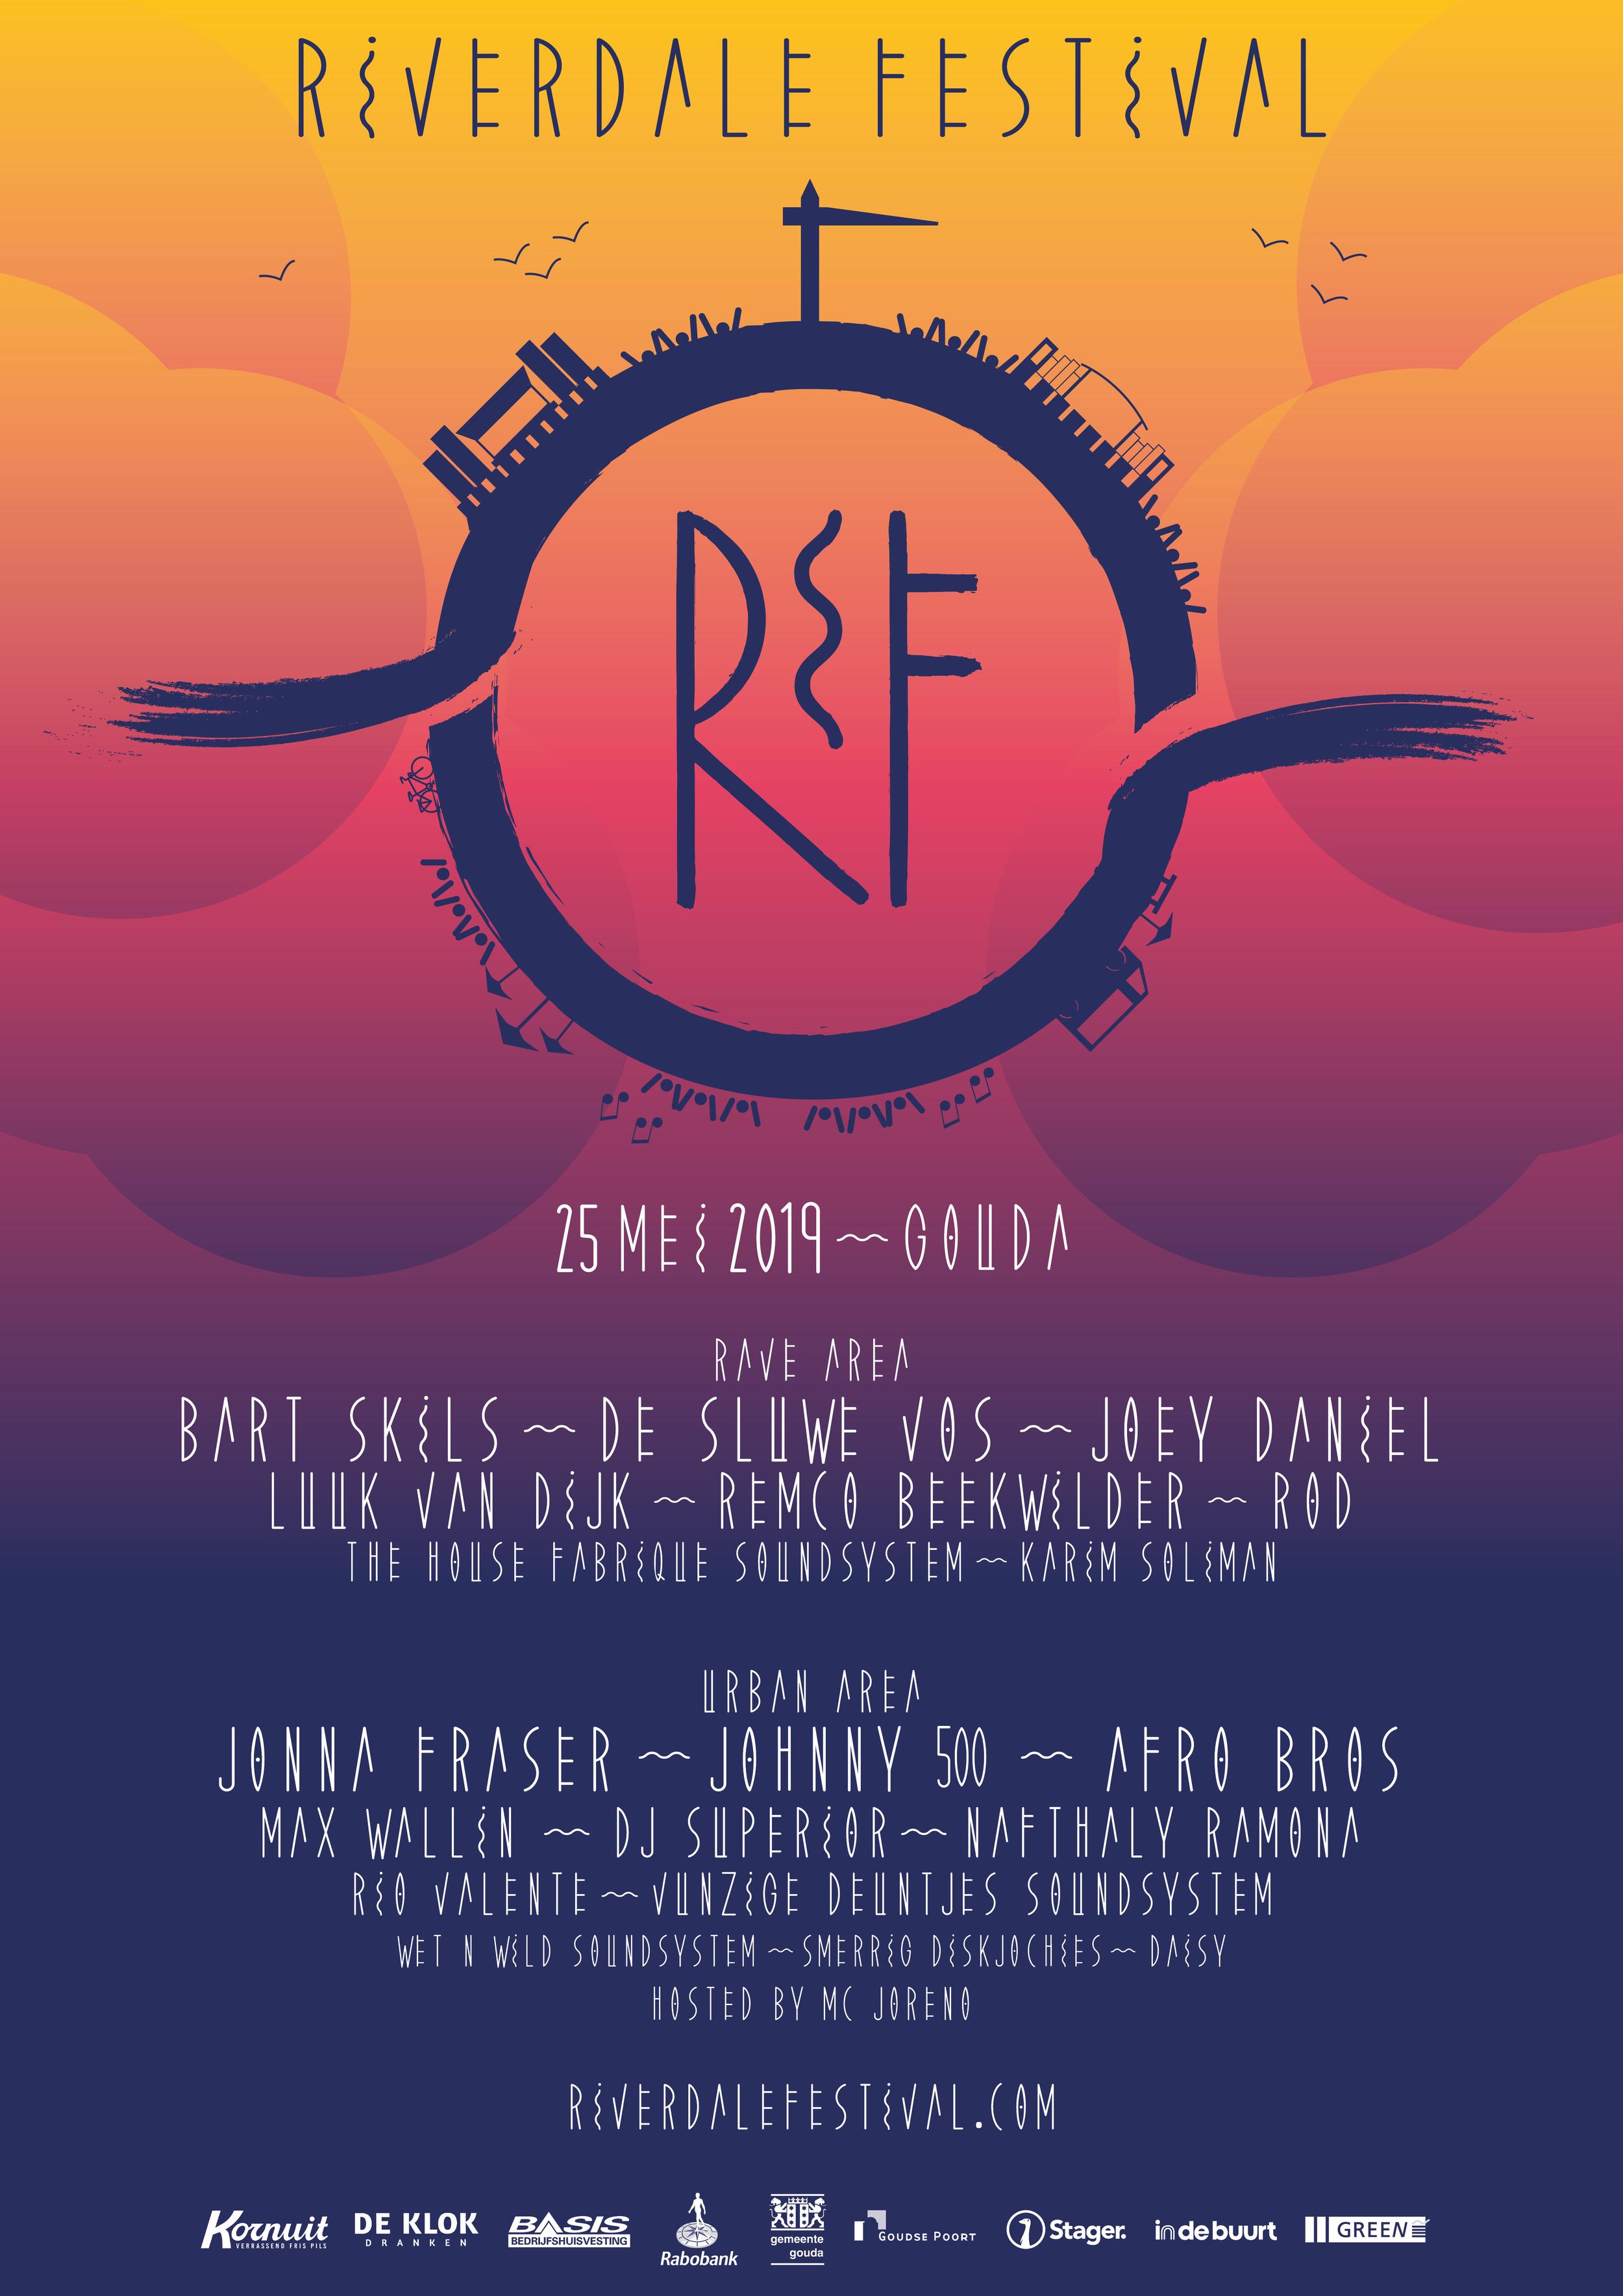 Poster-Riverdale-A2-RGB.png